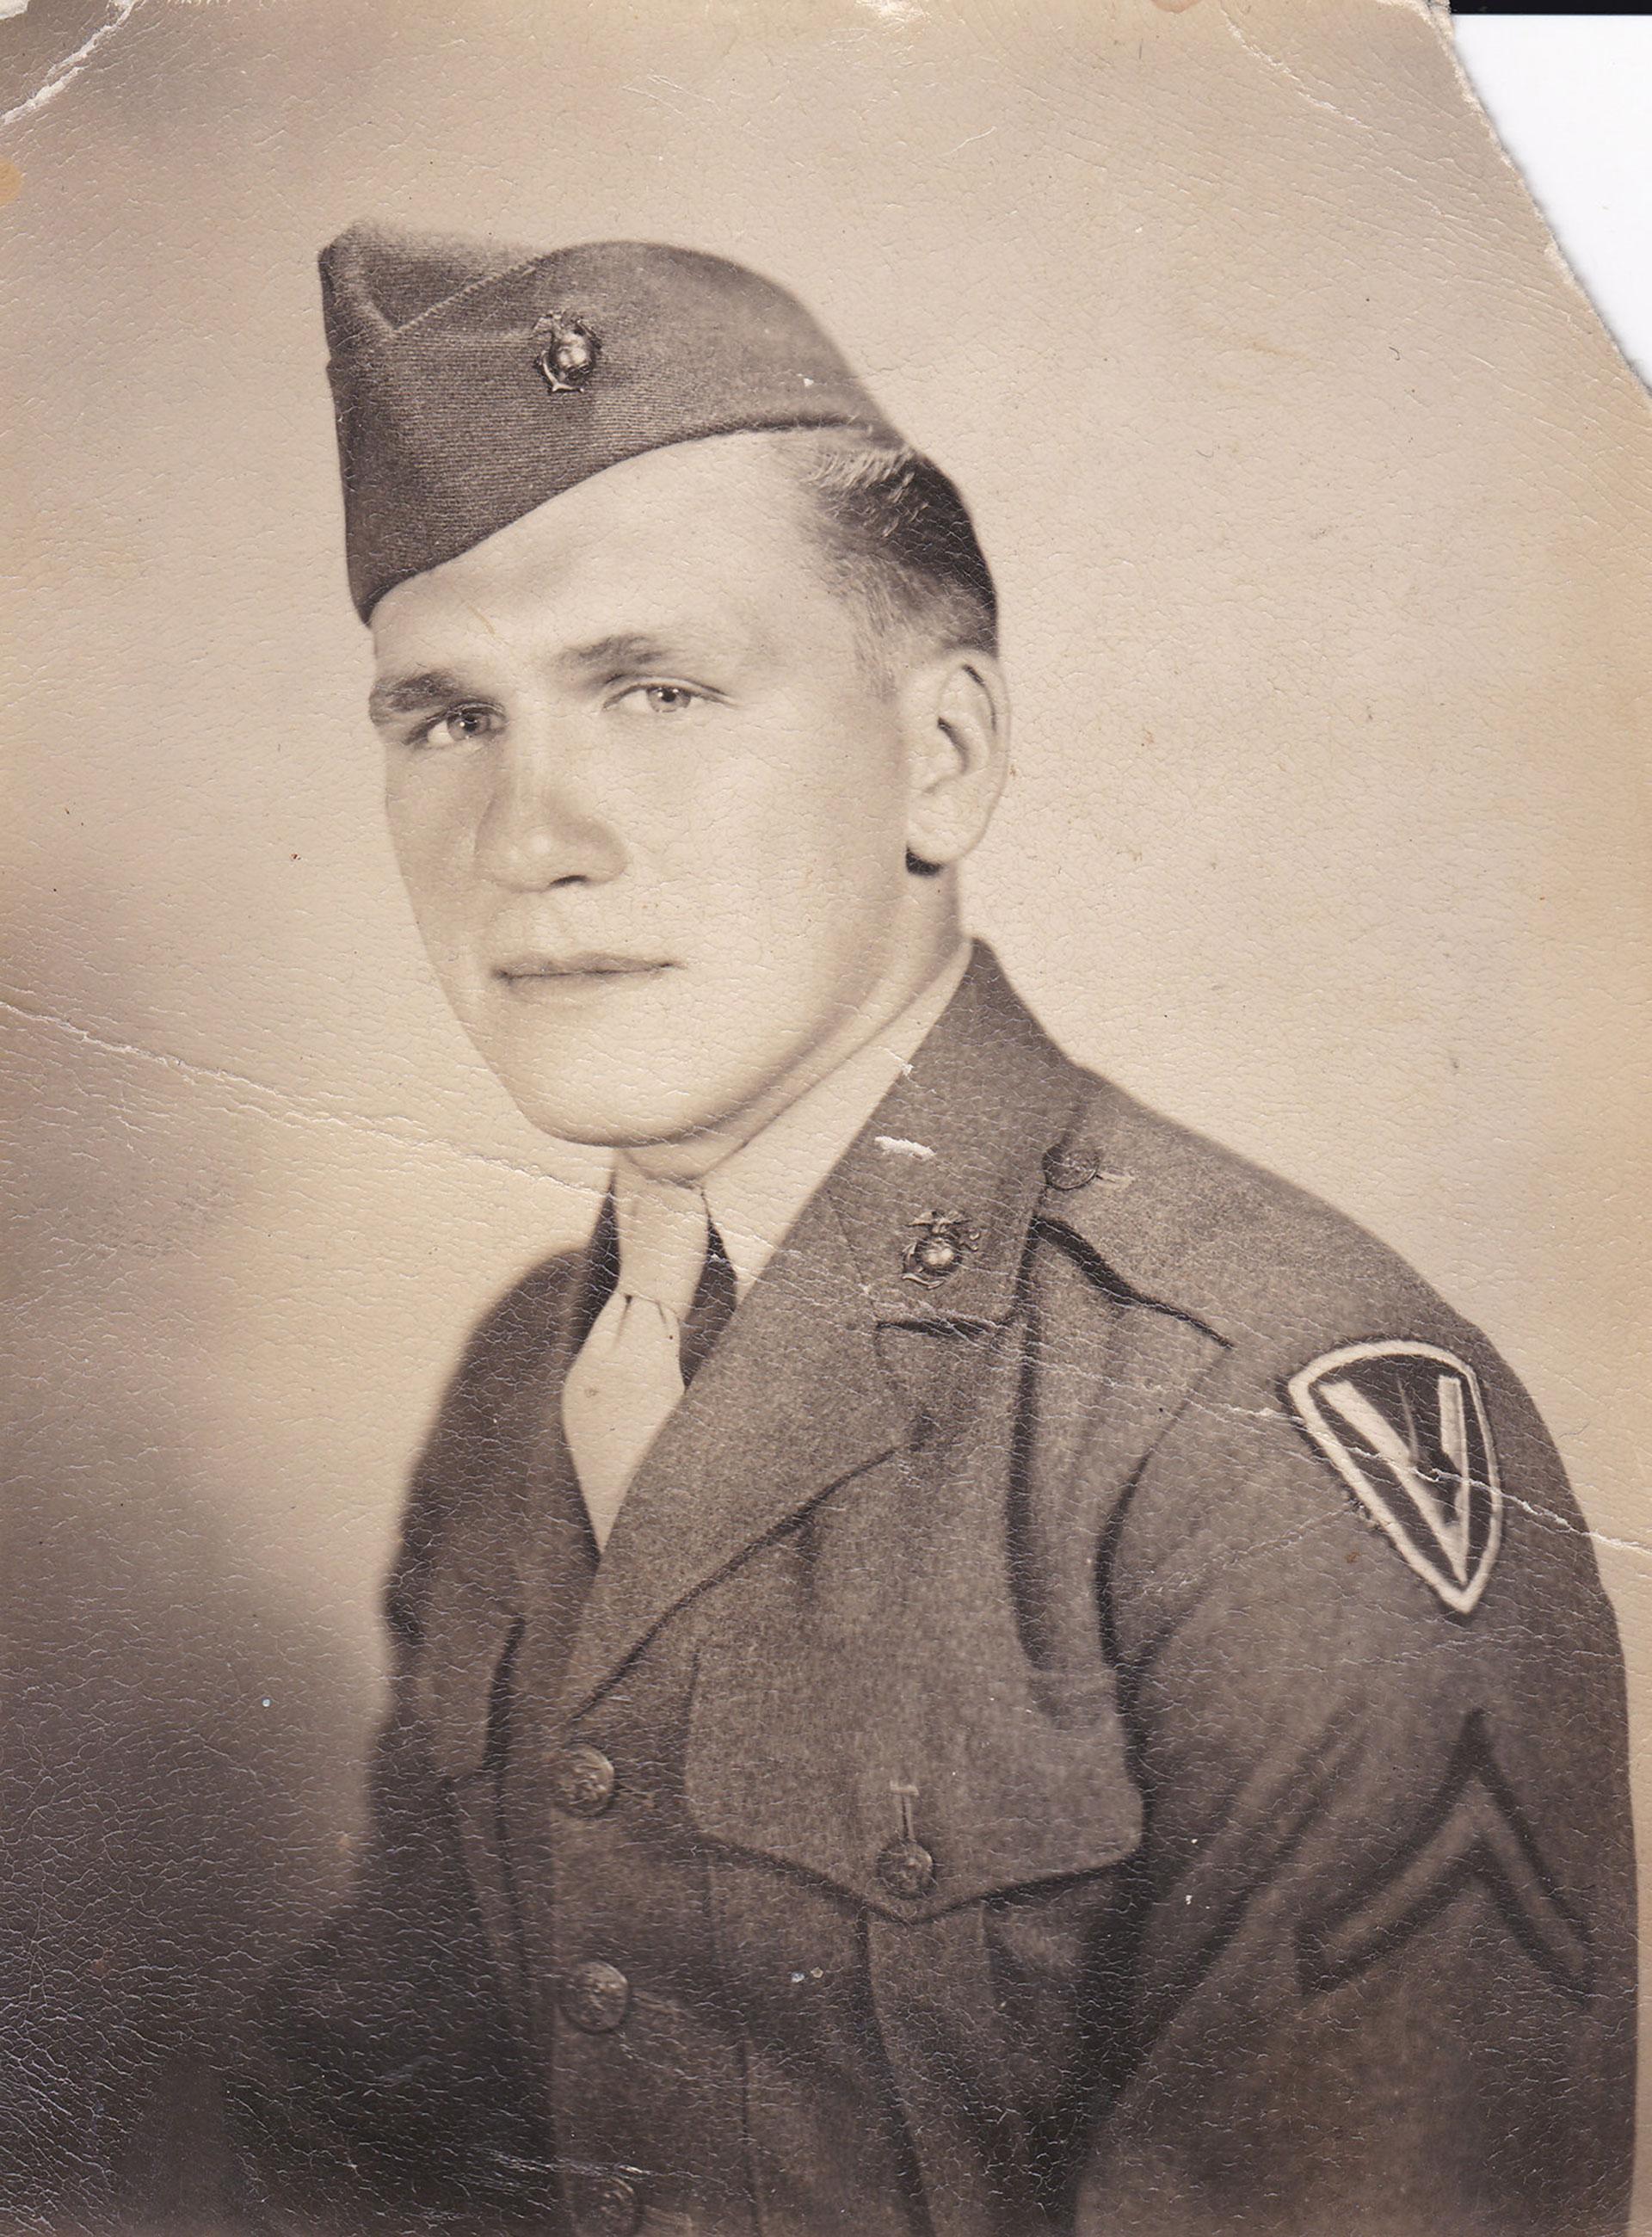 Harold Schultz. Su nombre reemplazará el de John Bradley como uno de los seis marines que protagonizaron el izamiento de la bandera estadounidense en el Monte Suribachi, en Iwo Jima, Japón